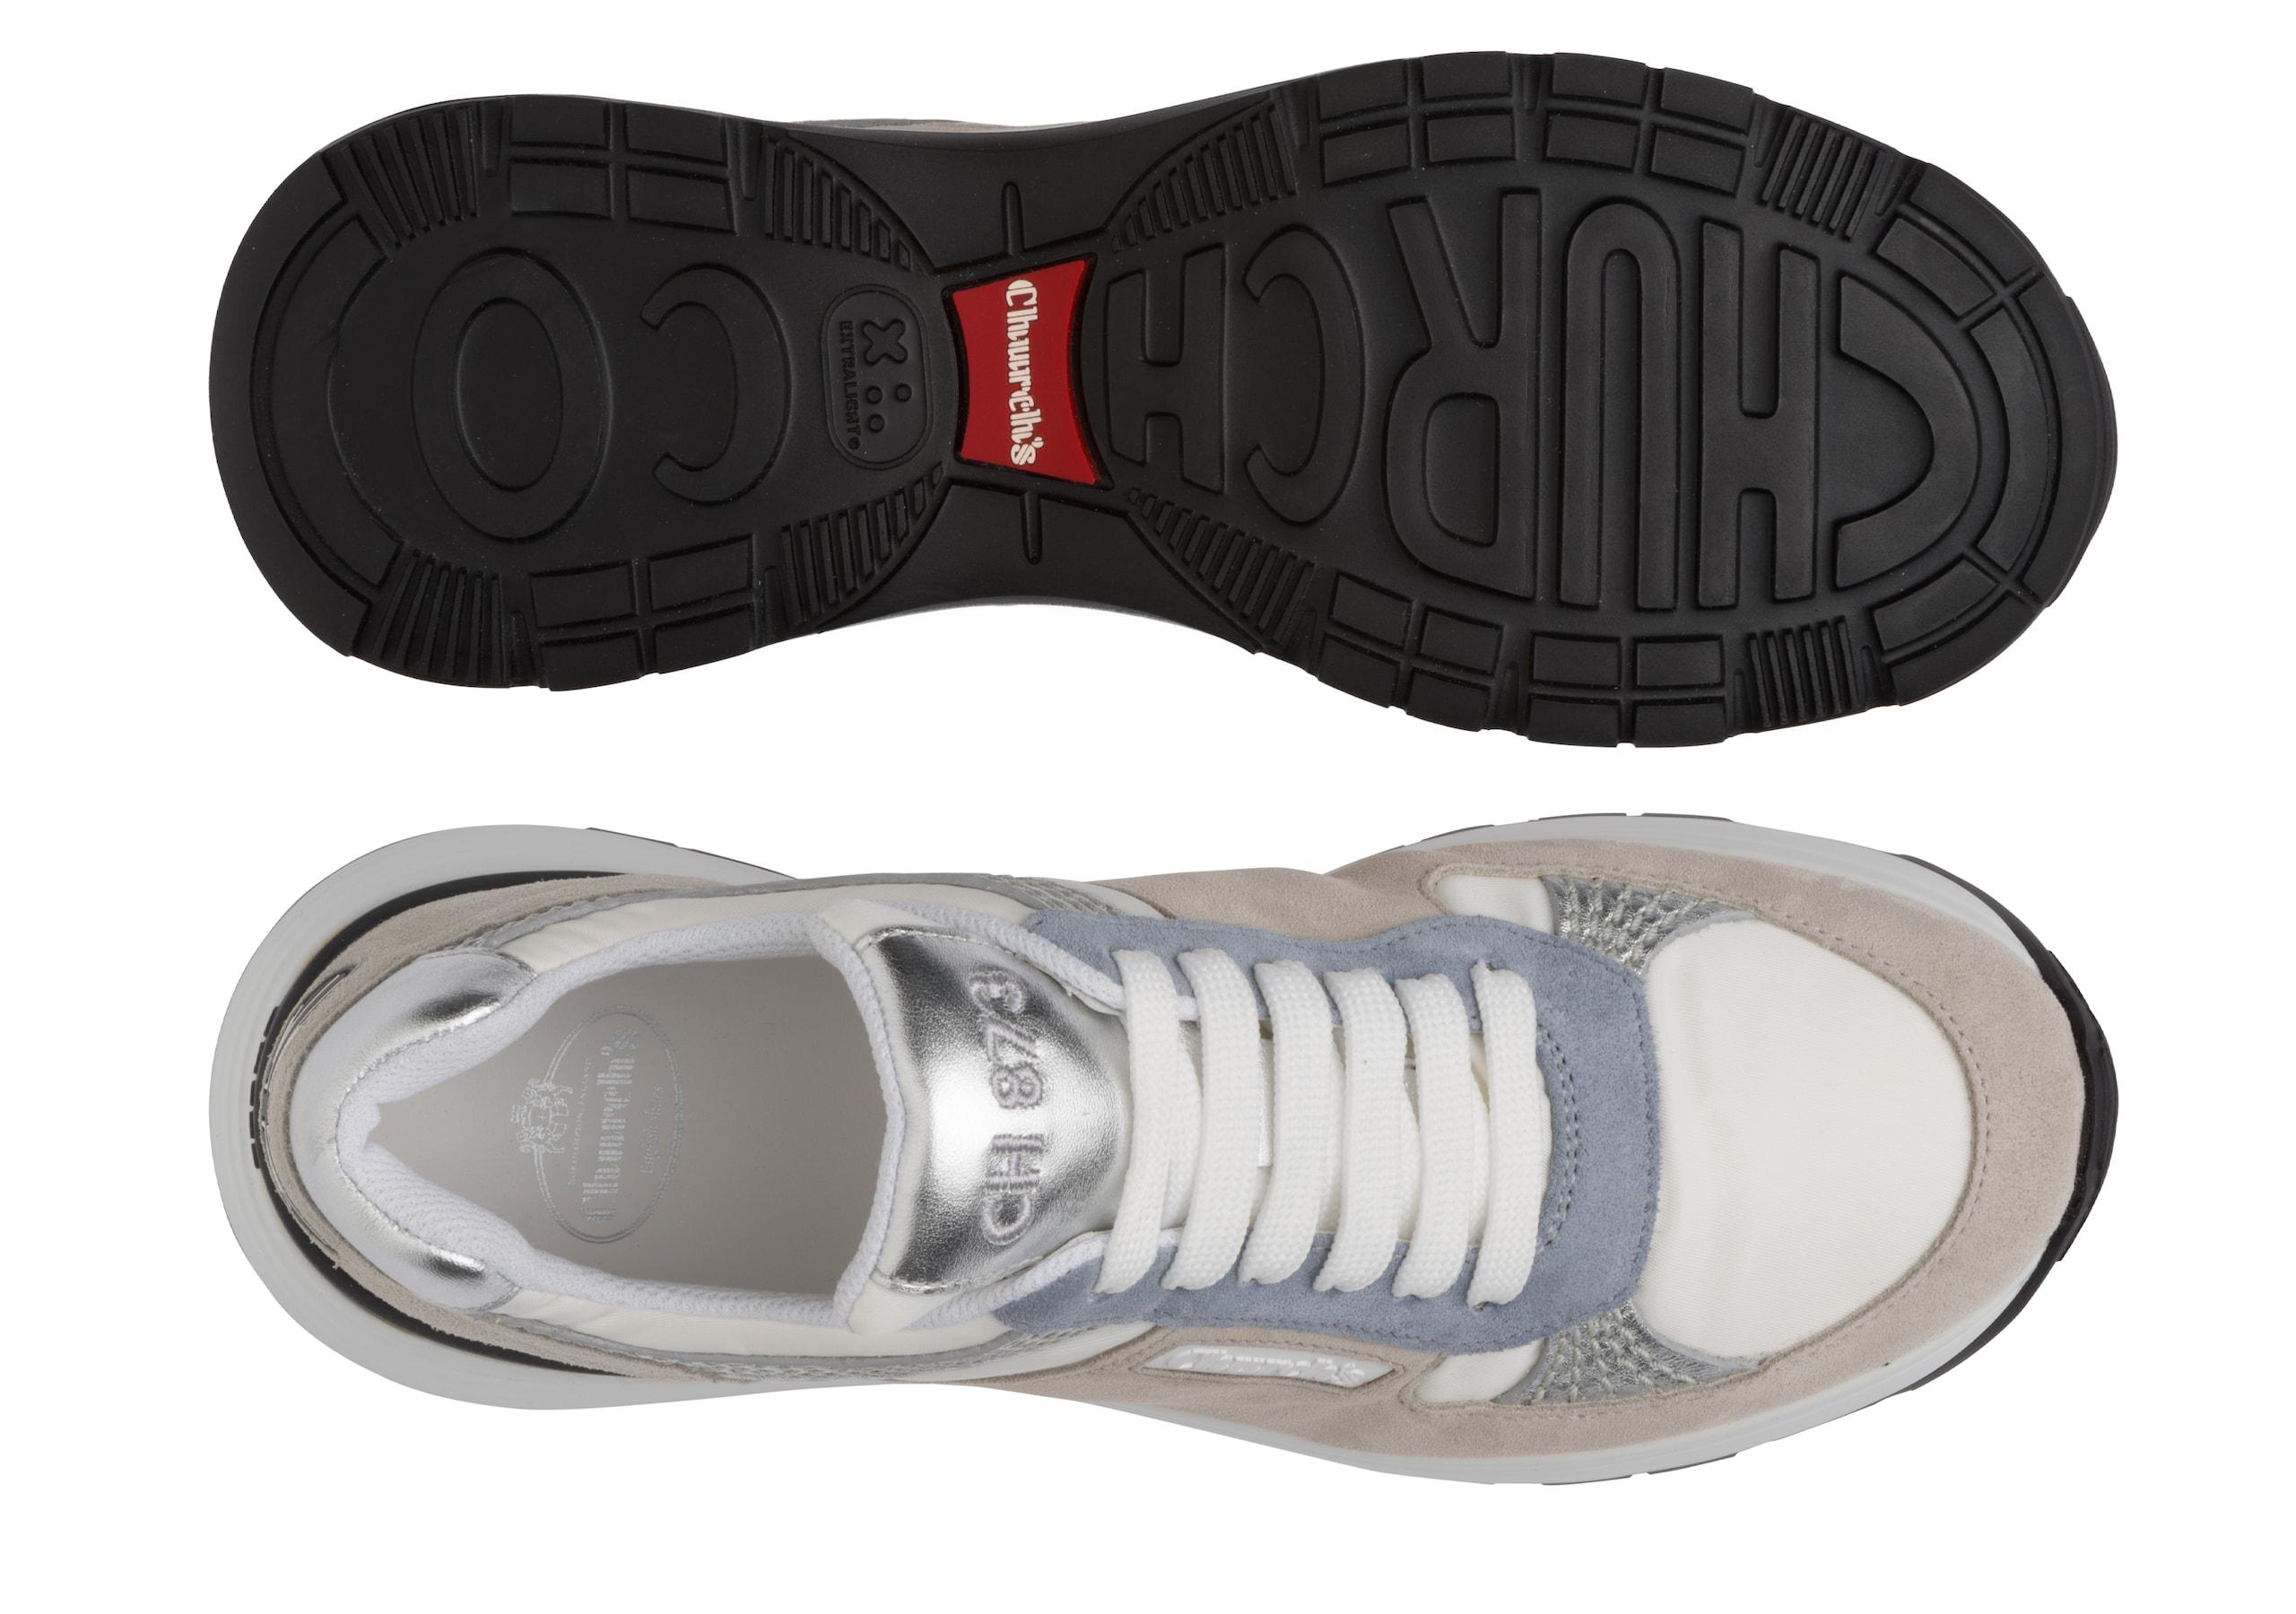 Ch873 Church's Suede Tech & Metallic Retro Sneaker Grey